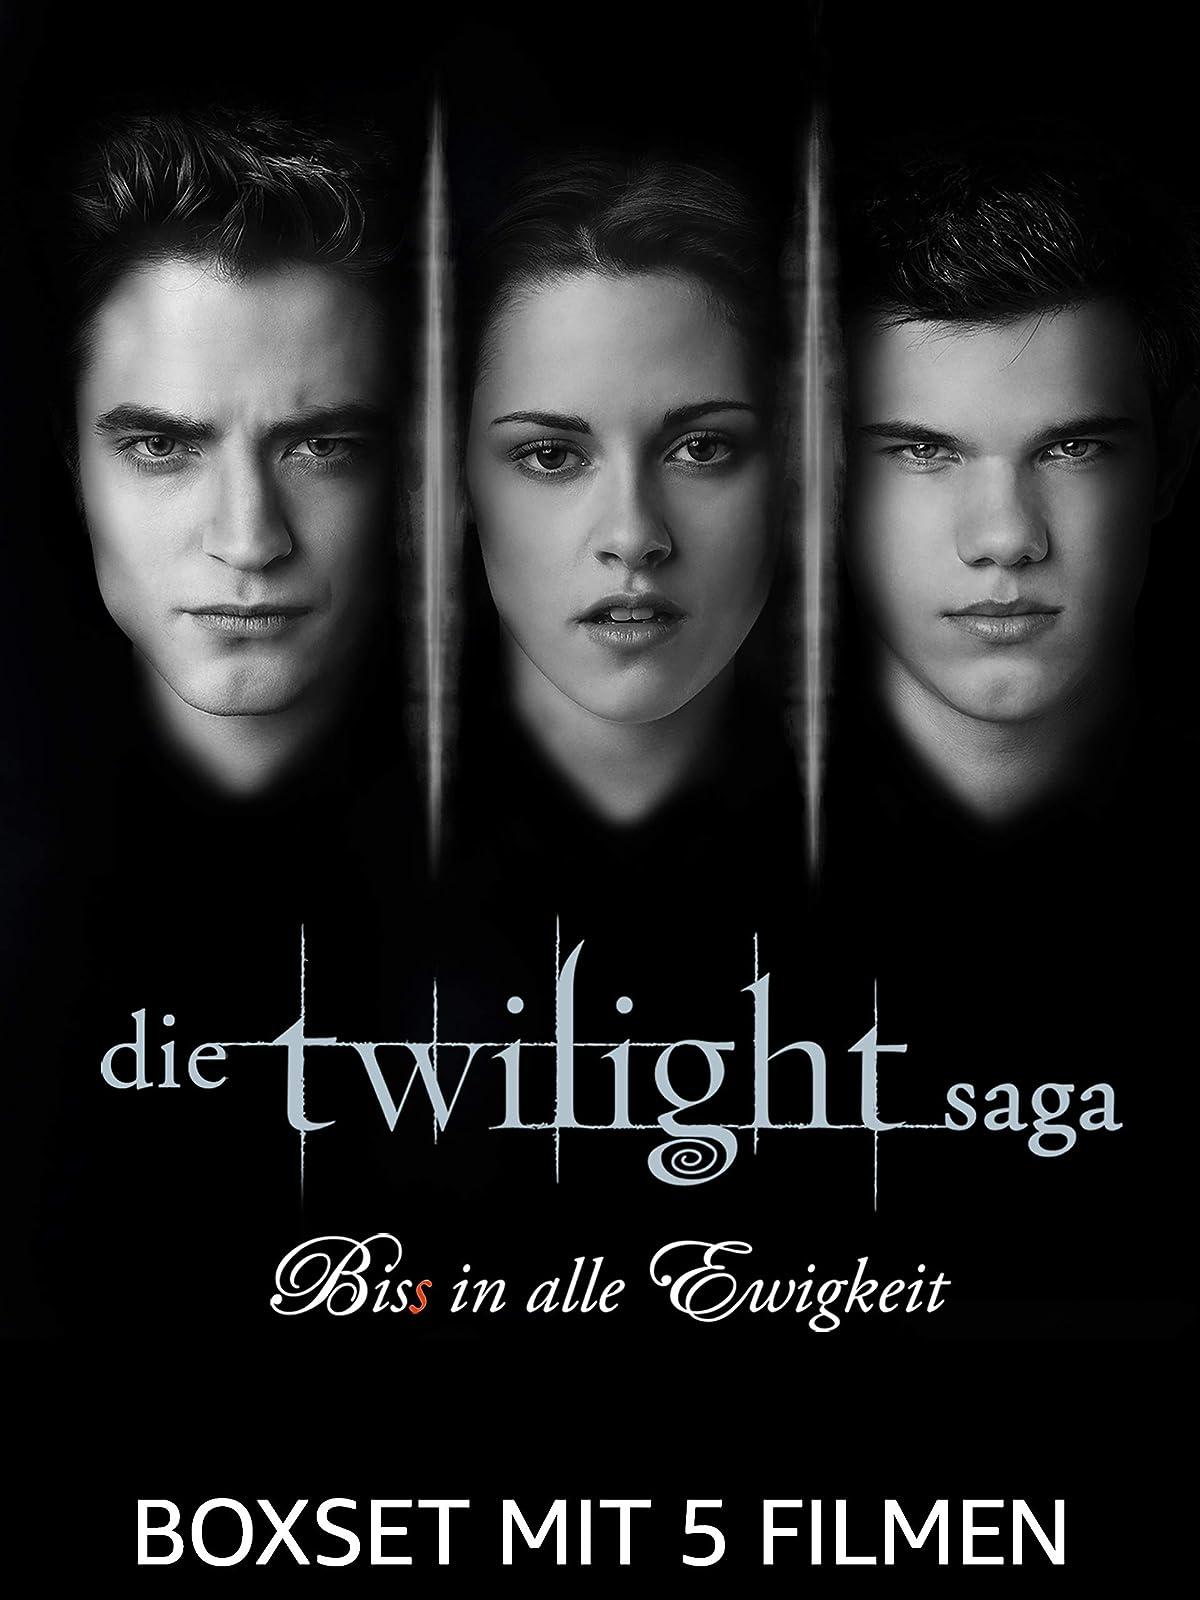 Anschauen film twilight 4 kostenlos Total Eclipse